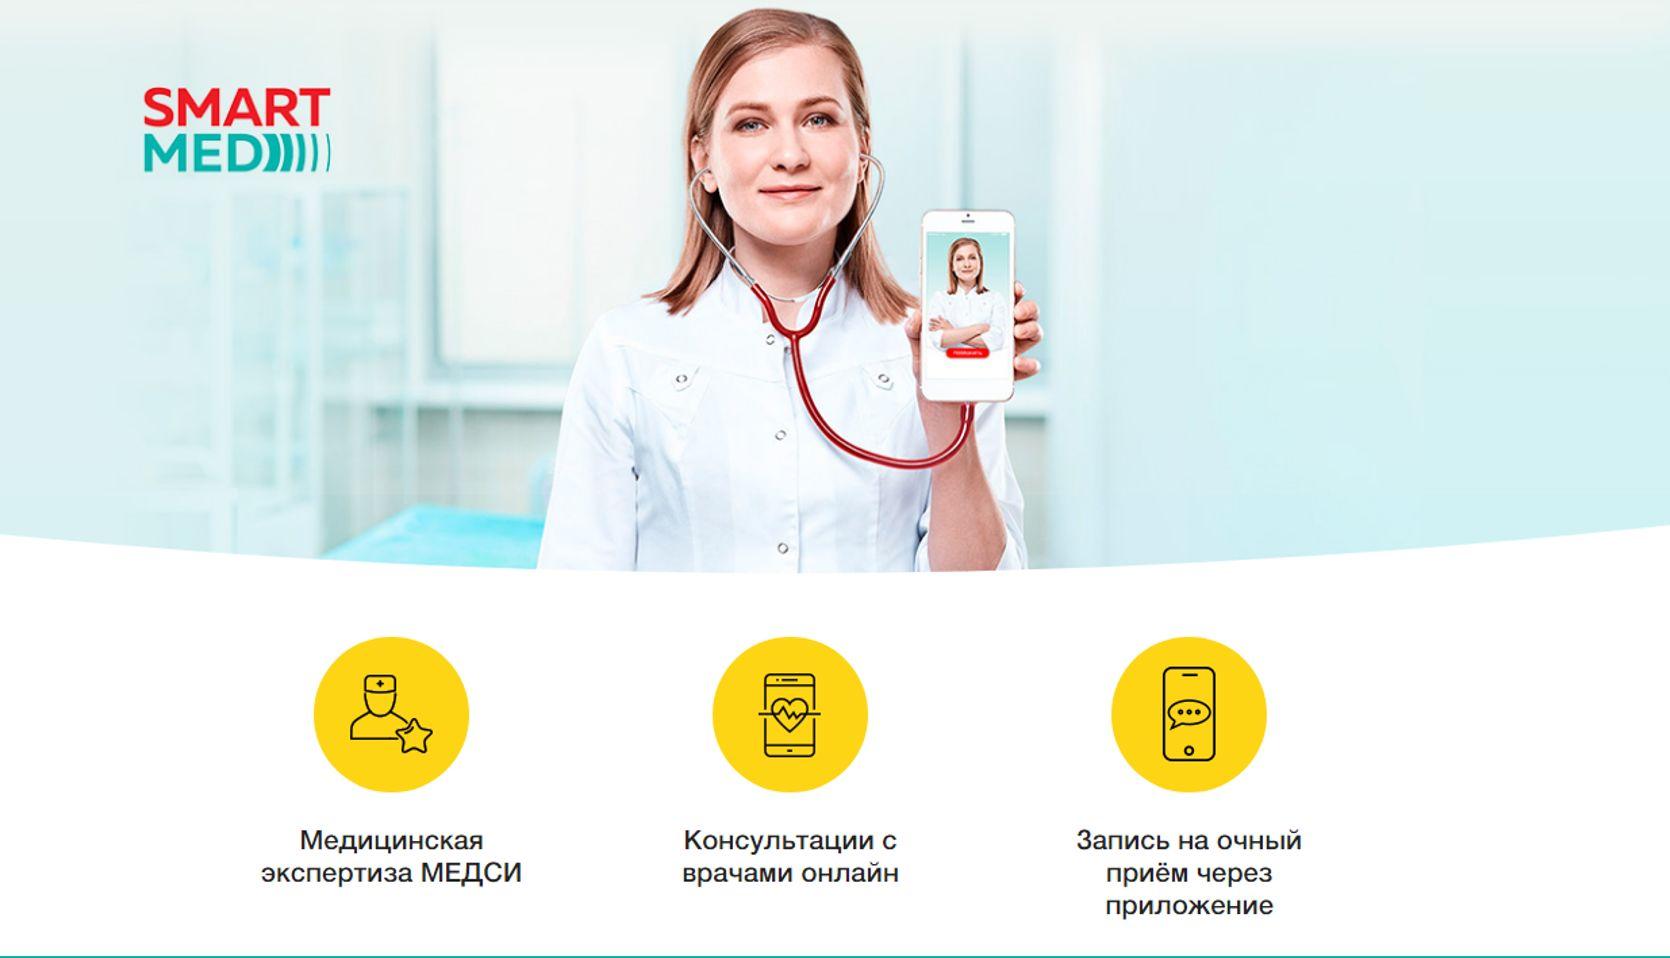 Ярославцы теперь могут консультироваться с врачами по интернету бесплатно